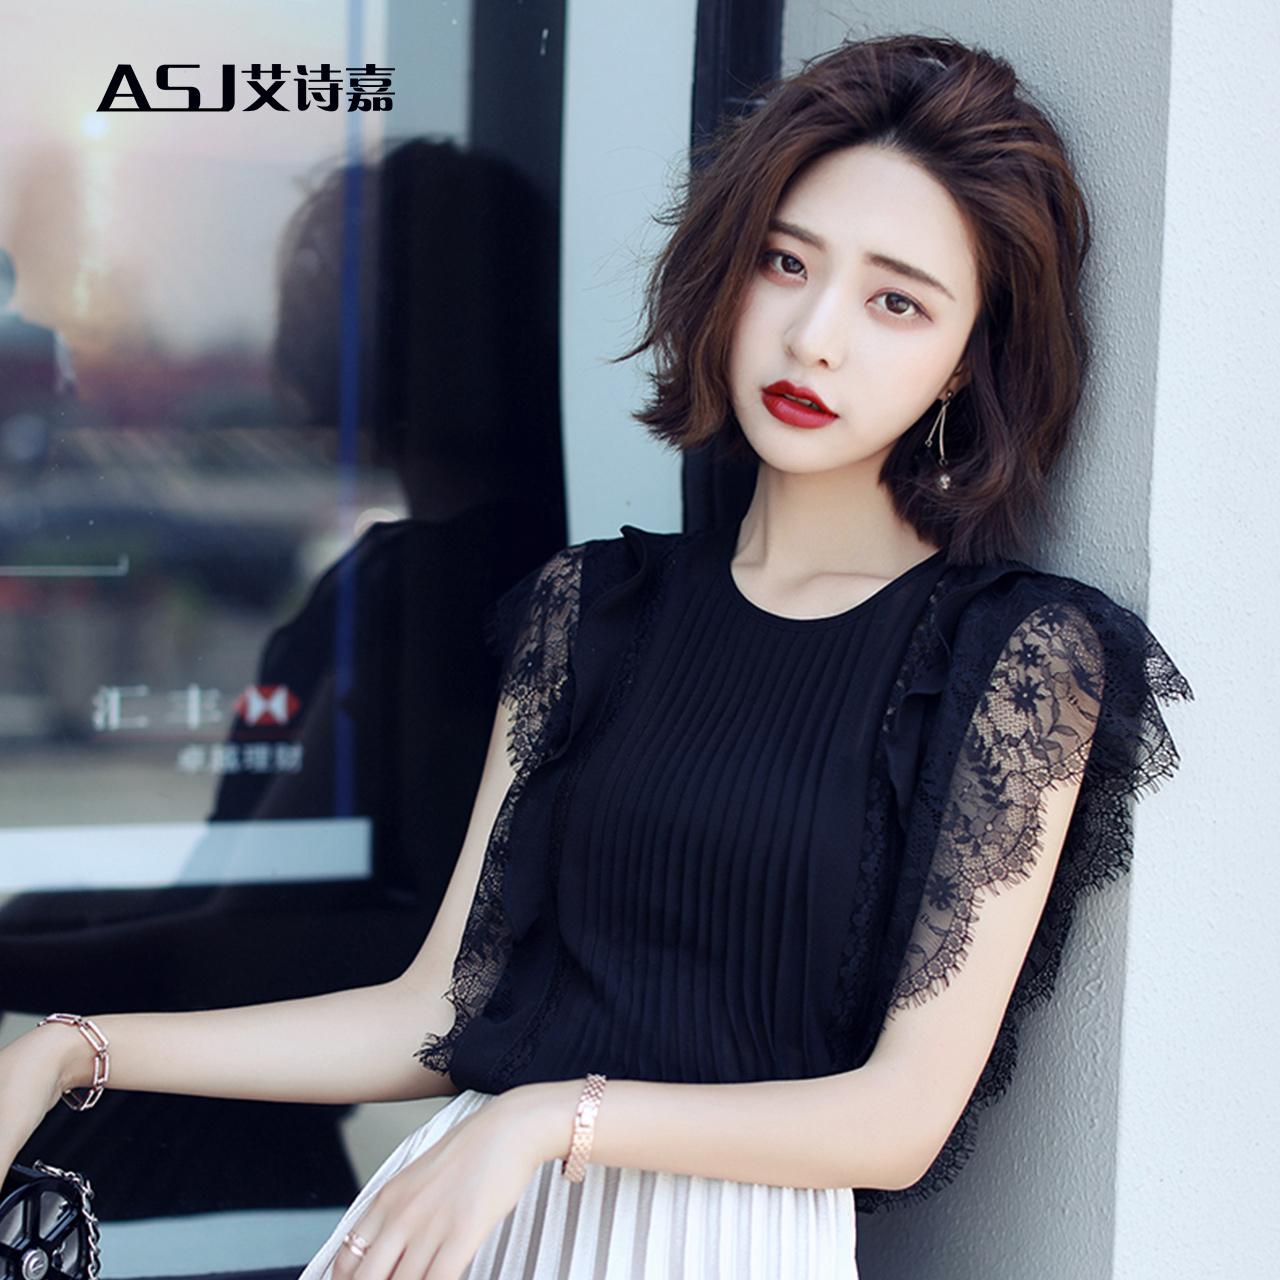 无袖雪纺衫夏季2017新款女装 韩版时尚褶皱显瘦黑色蕾丝雪纺上衣